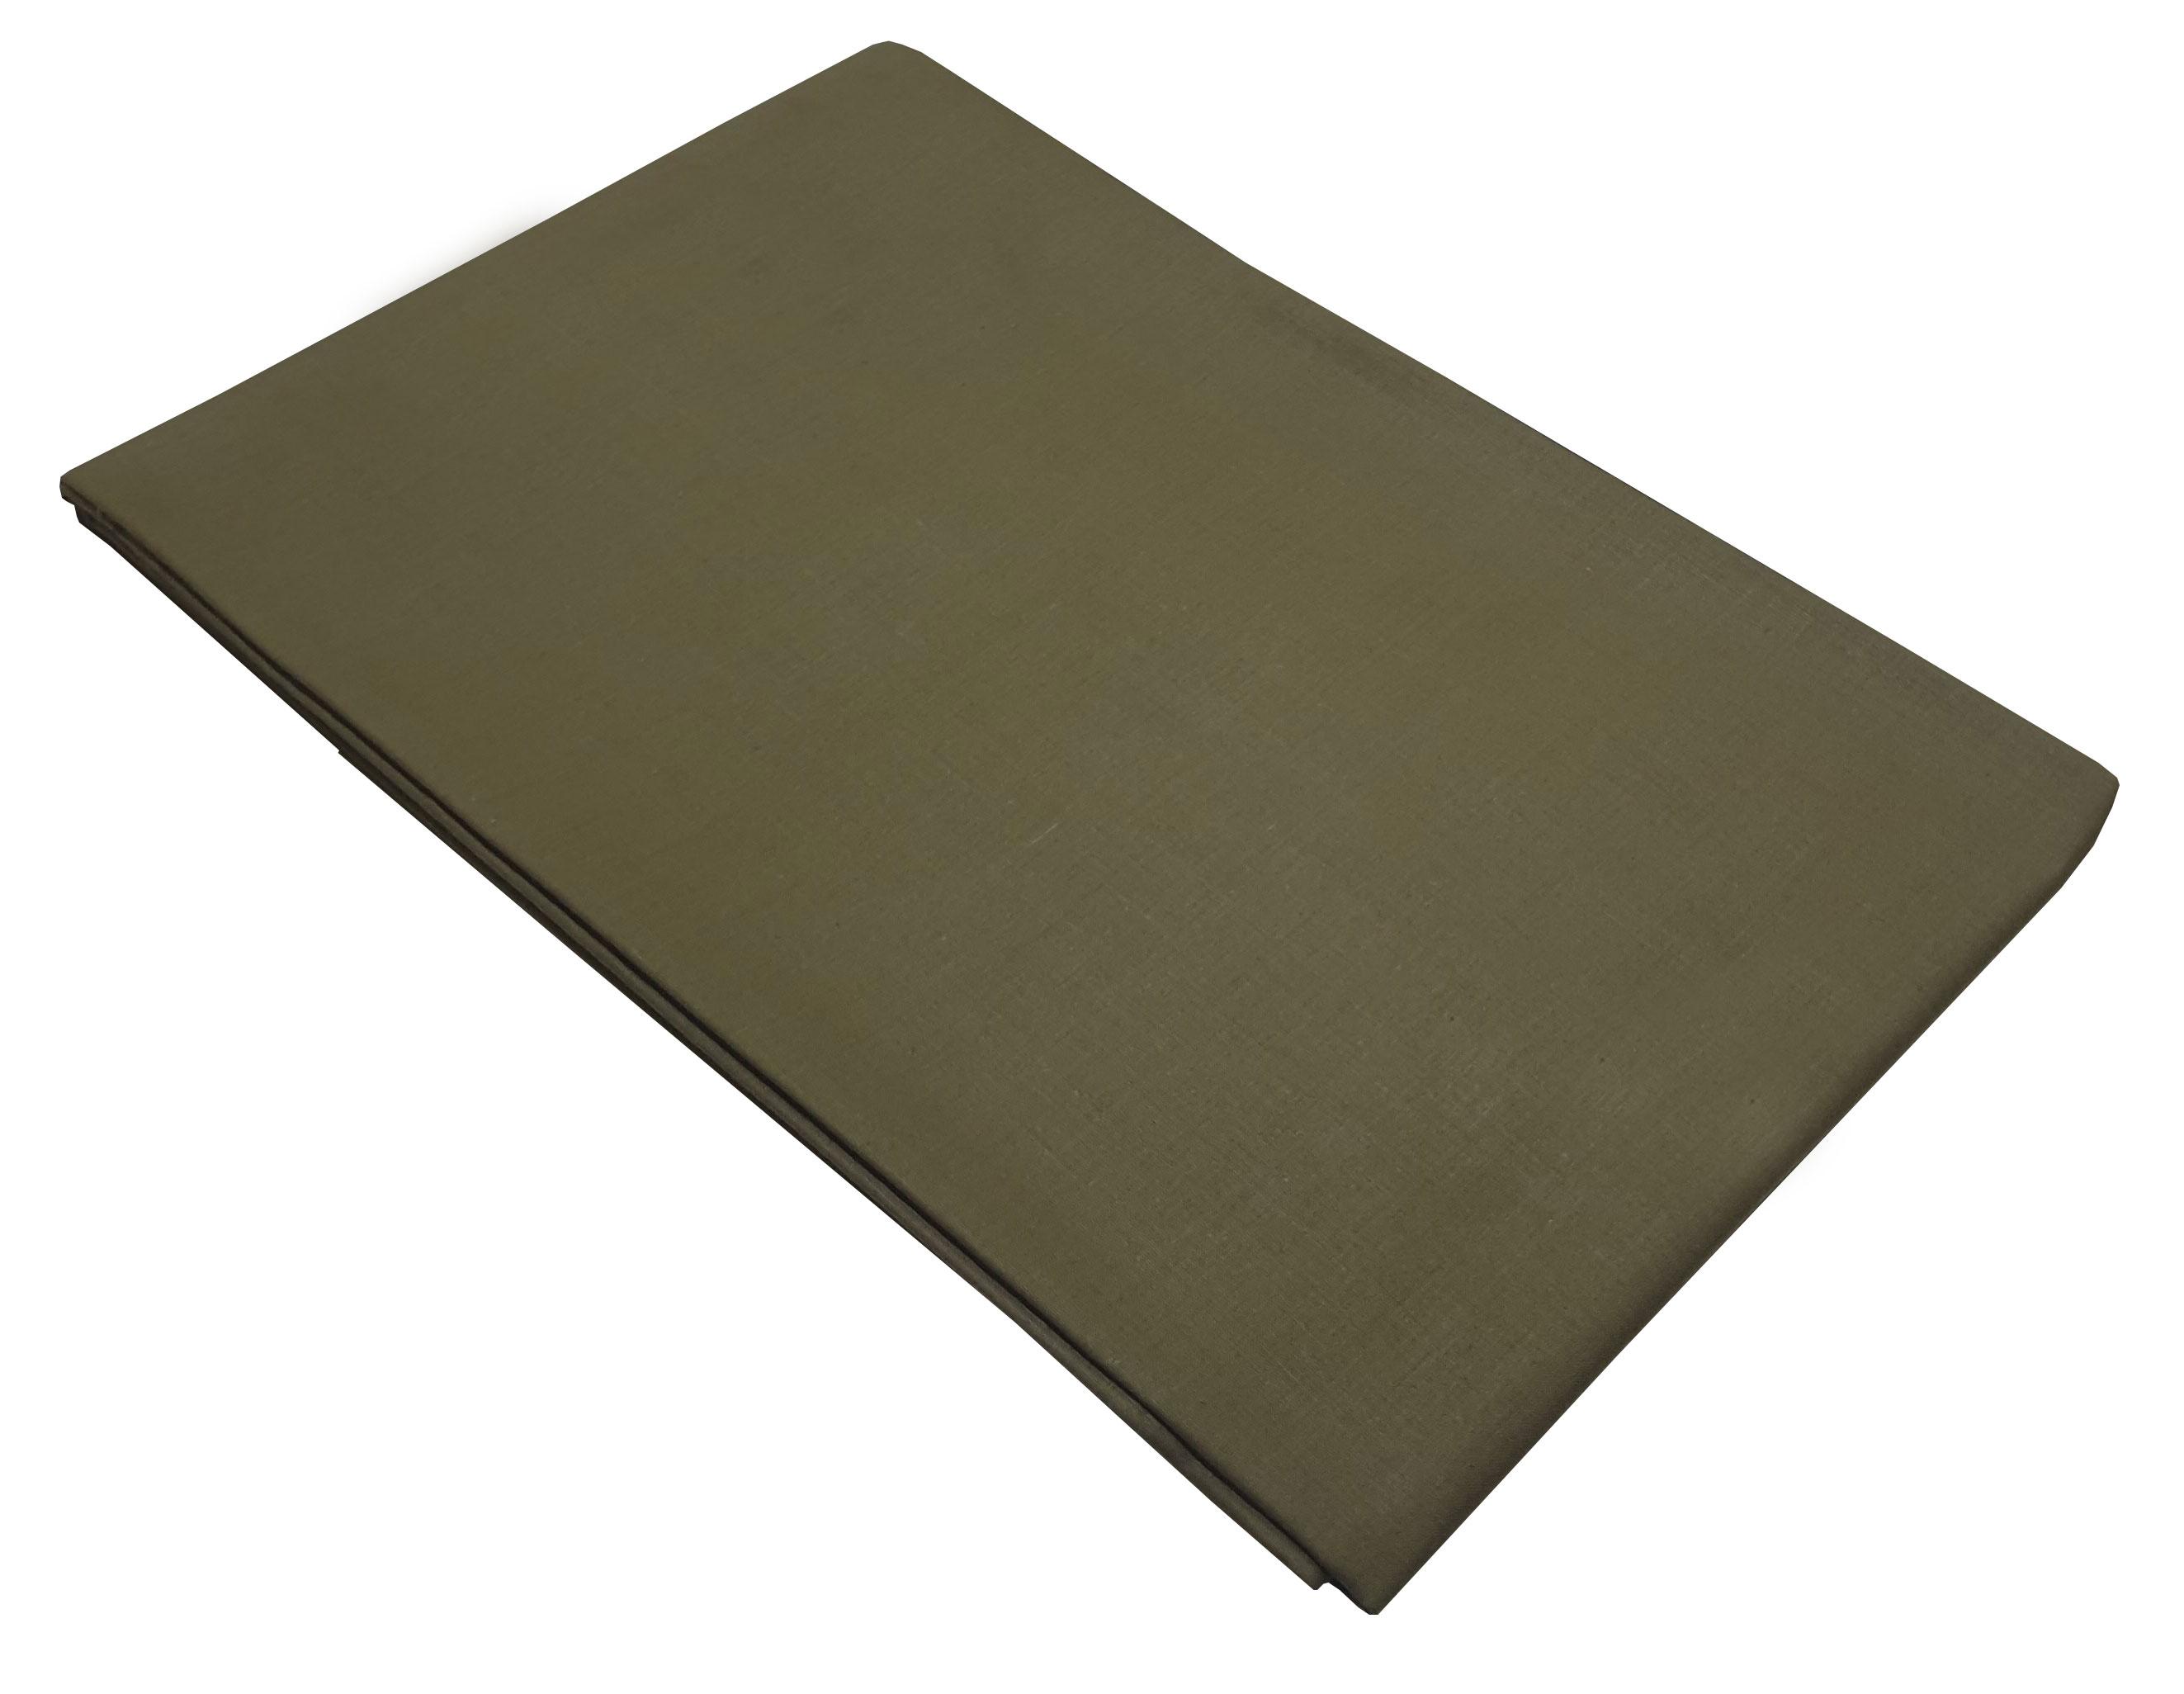 Σεντόνι ΚΟΜΒΟΣ Χακί μονόχρωμο Υπέρδιπλο με λάστιχο 170x200+20 - 7002201-10F